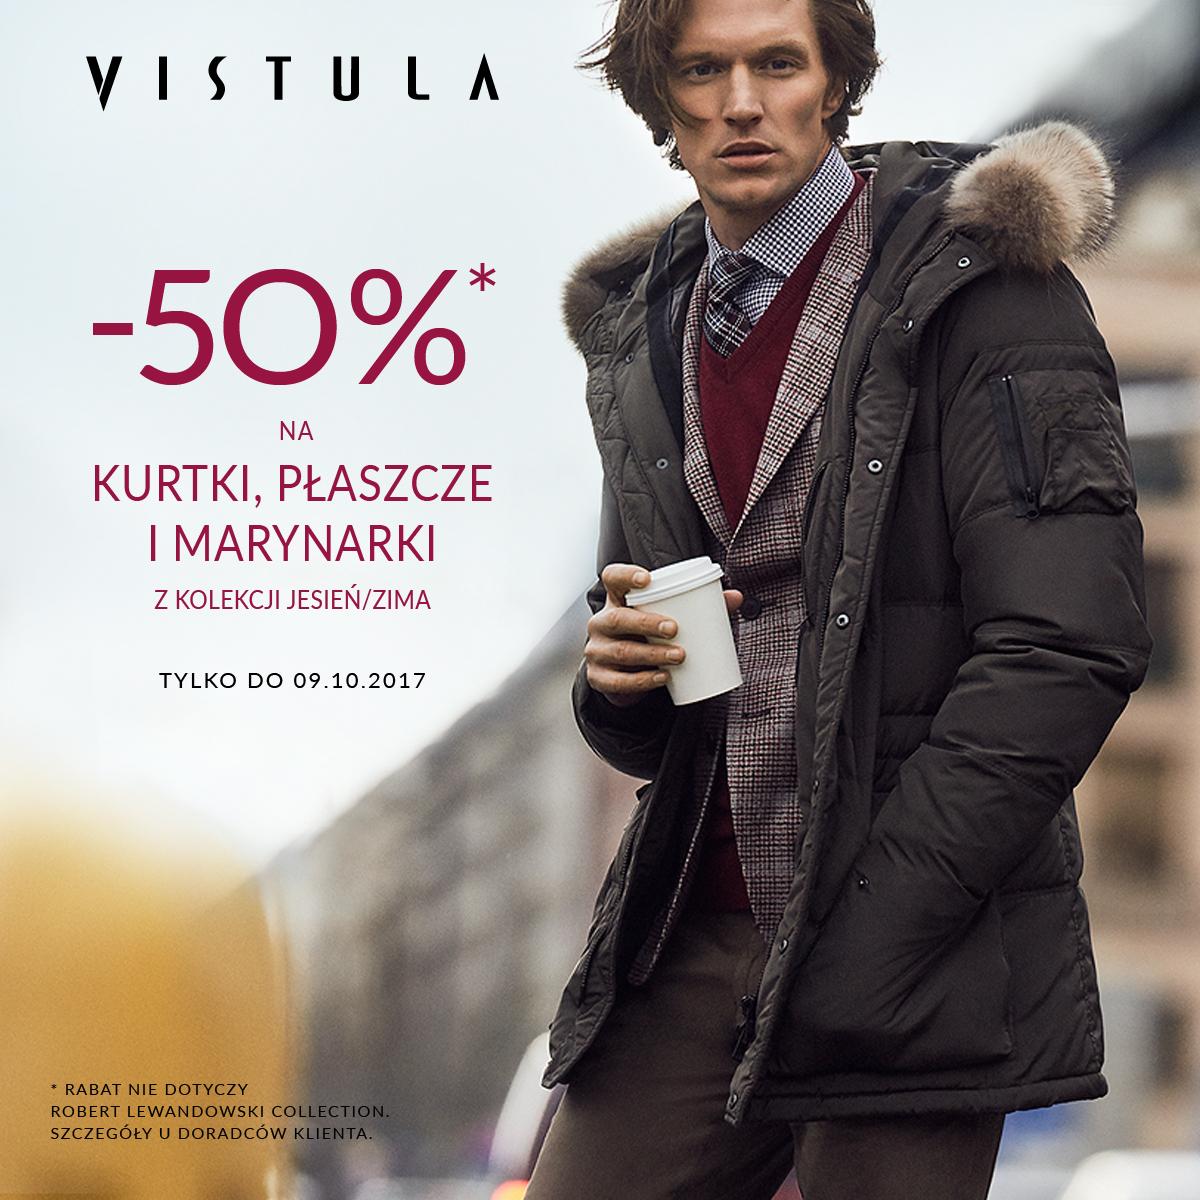 Tylko teraz w salonie Vistula -50% rabatu na kurtki, płaszcze i marynarki!